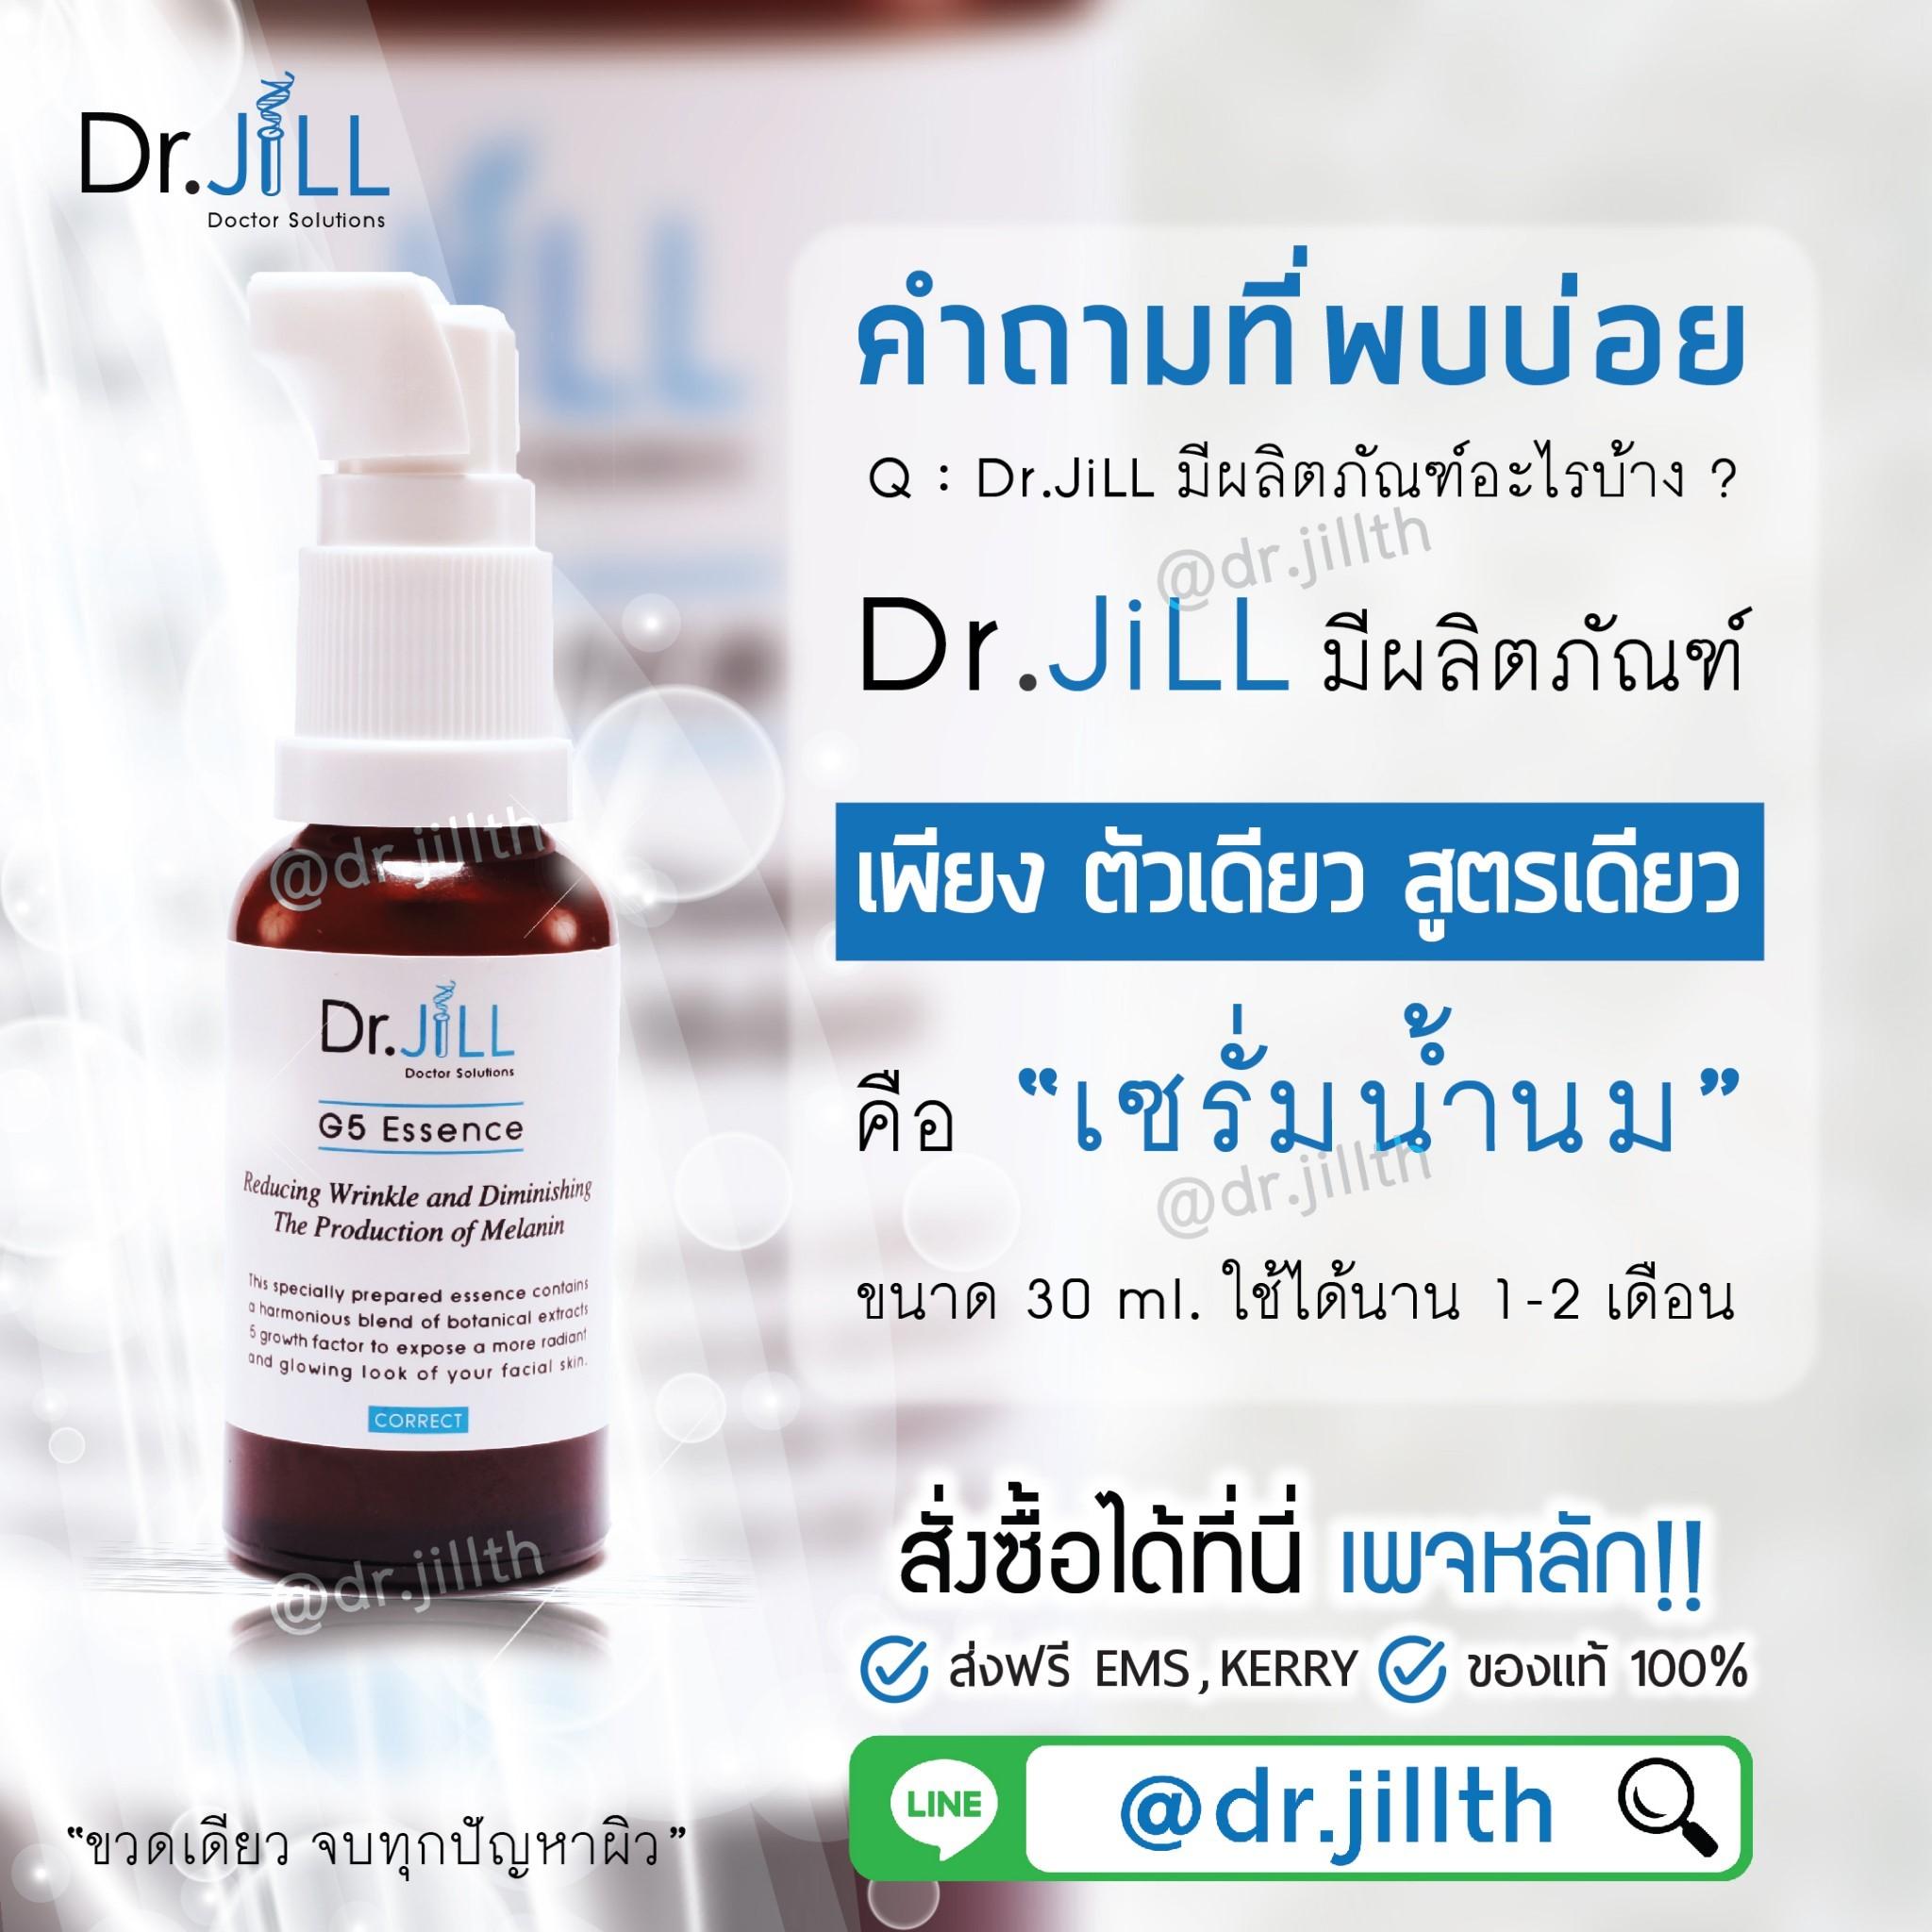 ข้อมูลผลิตภัณฑ์เซรั่ม dr.jill สรรพคุณ คุณสมบัติ ส่วนผสม วิธีใช้ ให้เห็นผล การเก็บรักษา